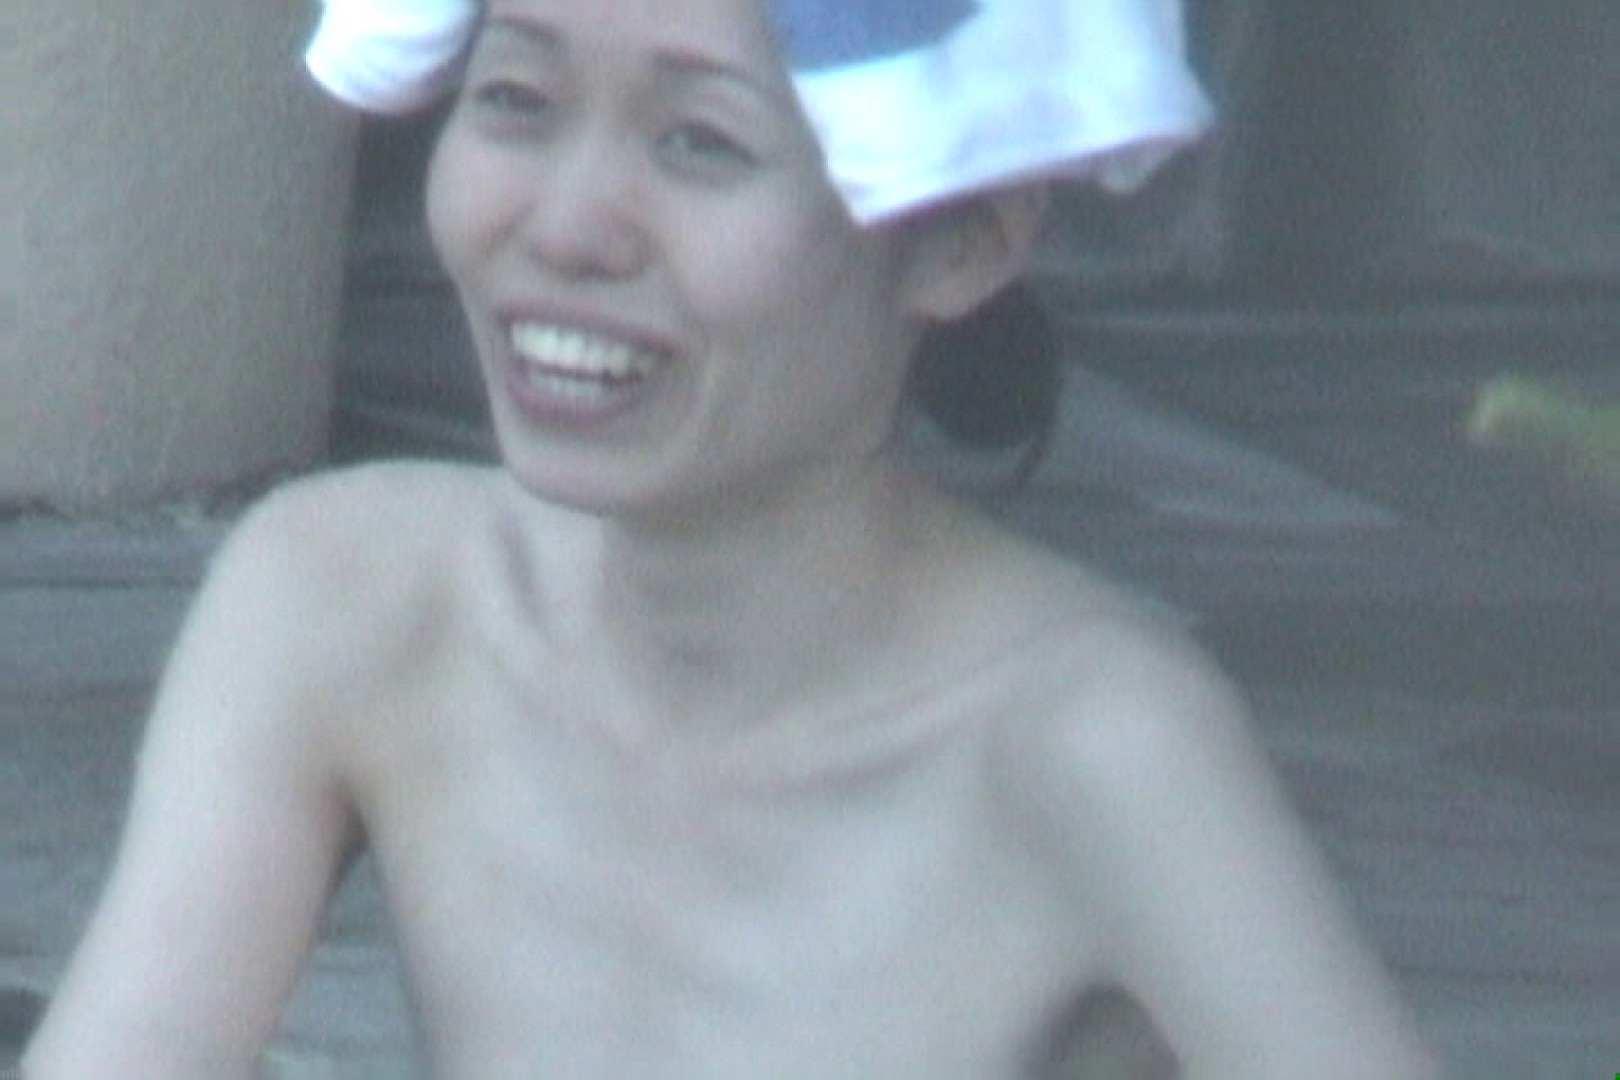 Aquaな露天風呂Vol.576 OLのエロ生活 | 盗撮  113連発 25